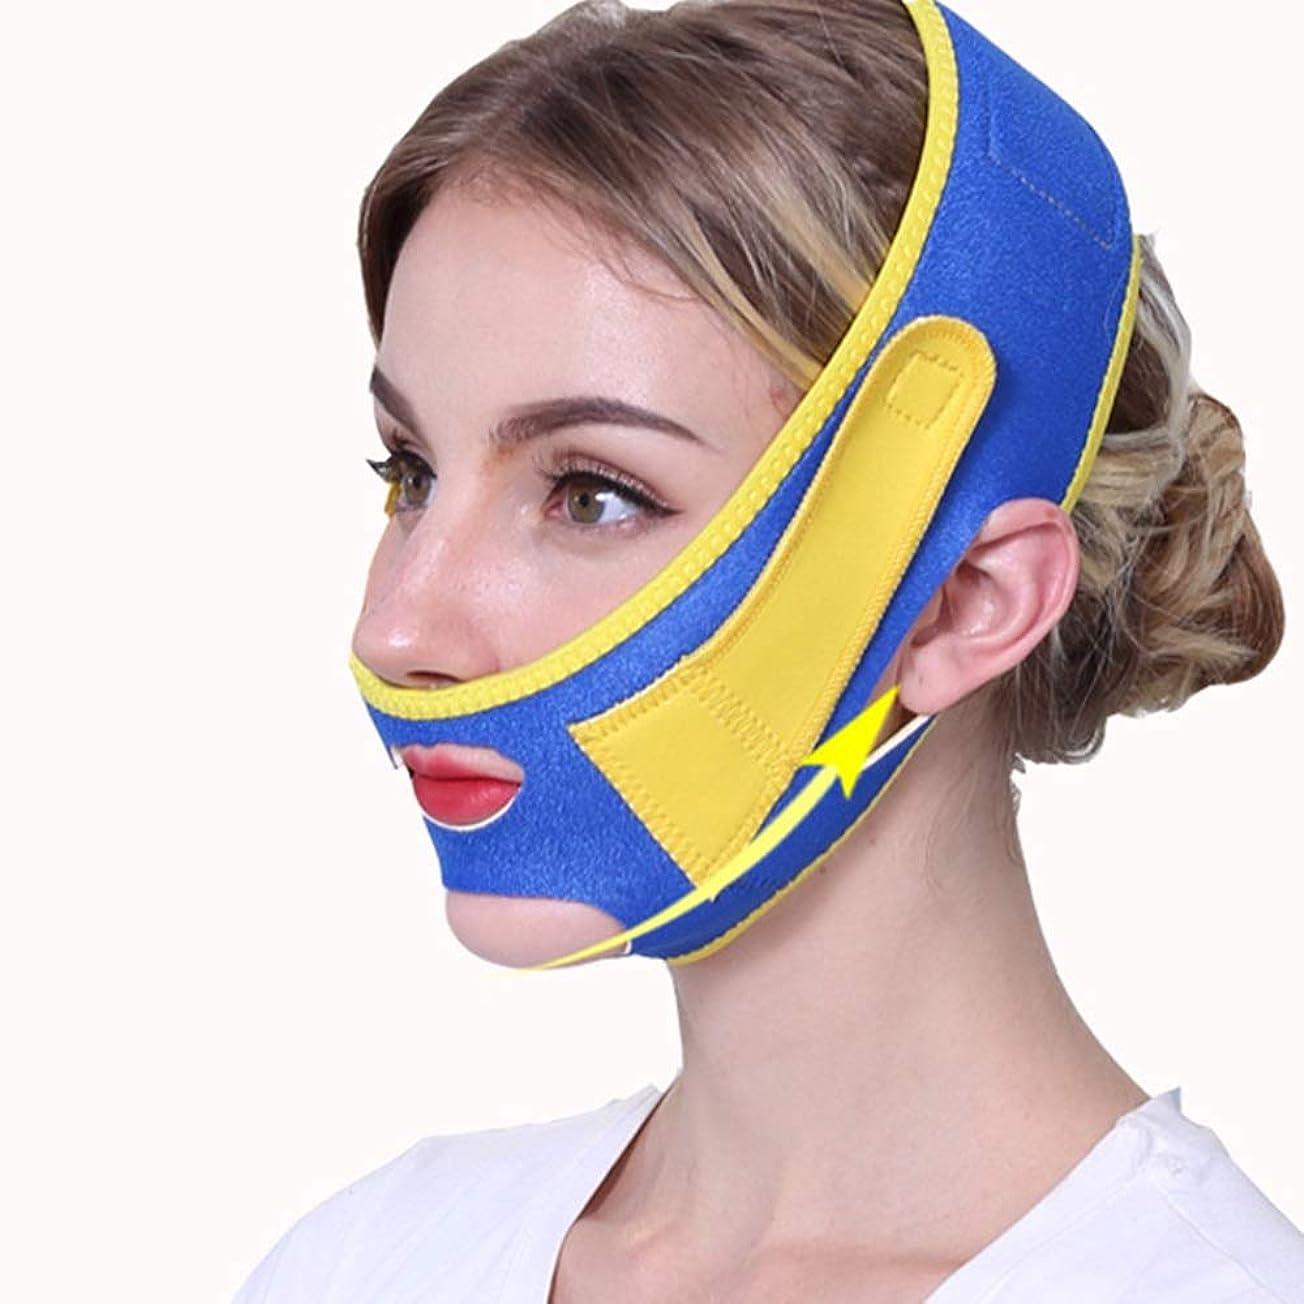 起点止まる交差点XINGZHE フェイシャルリフティング痩身ベルトフェイス包帯マスク整形マスクフェイスベルトを引き締める薄型フェイス包帯整形マスクフェイスと首の顔を引き締めスリム フェイスリフティングベルト